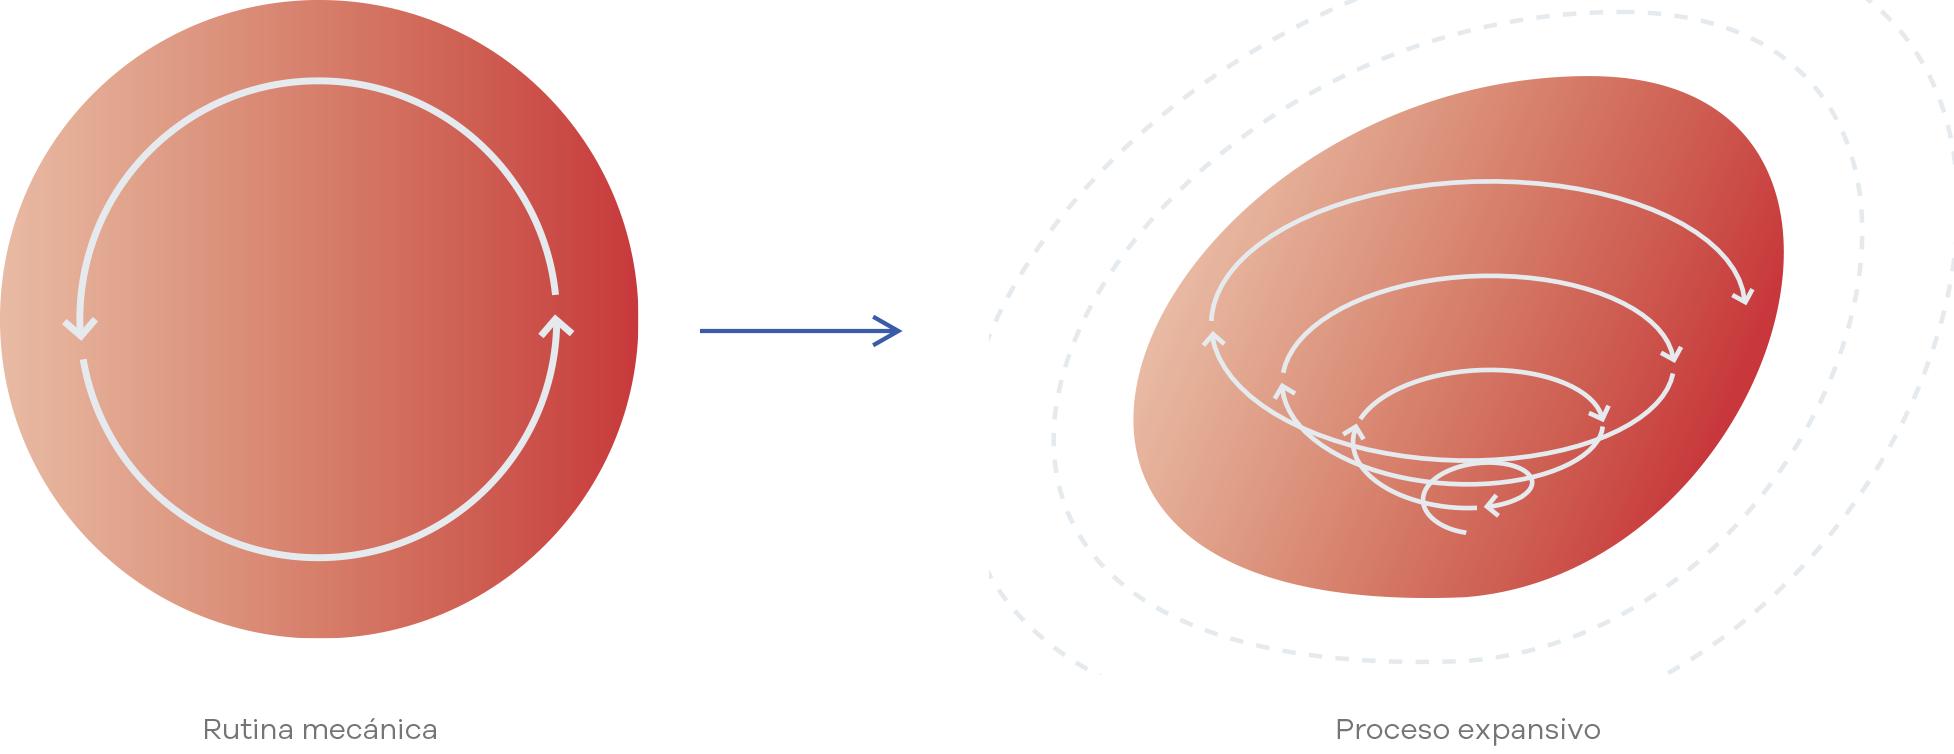 Kainova - Empresa líquida - Procesos expansivos - Rutina mecanica vs proceso expansivo